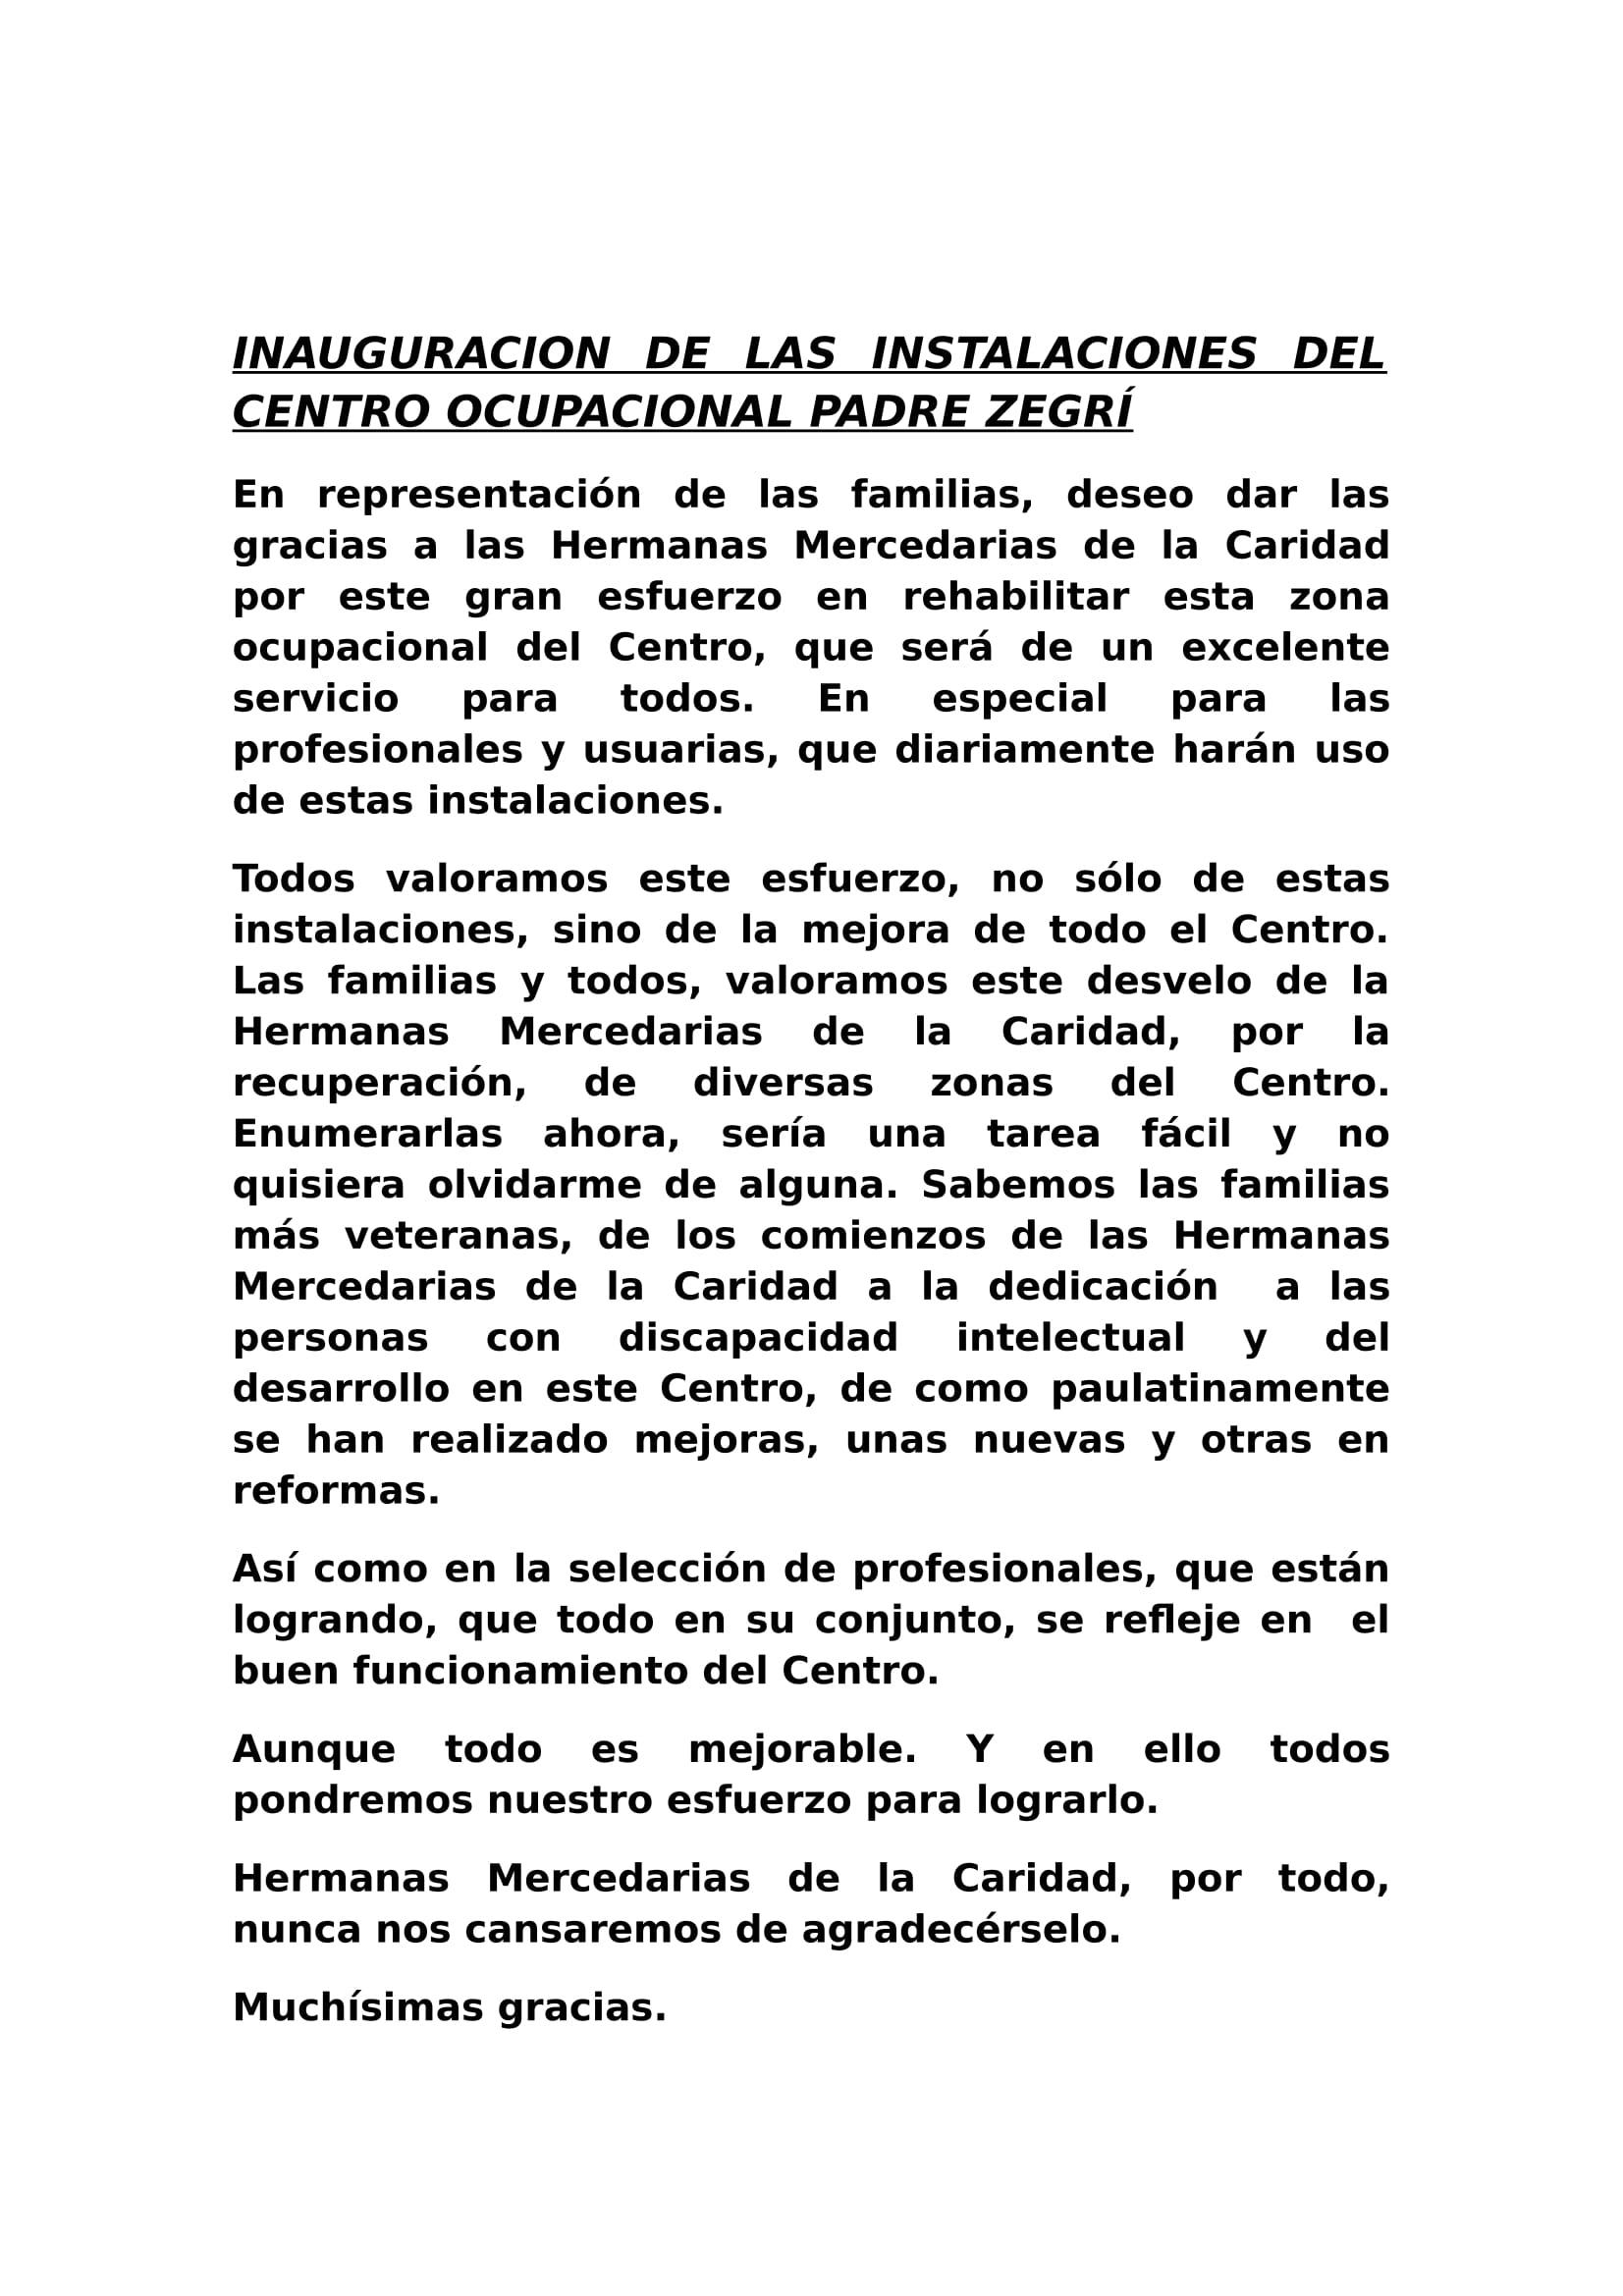 INAUGURACION TALLERES CENTRO ESPECIAL PADRE ZEGRÍ-1